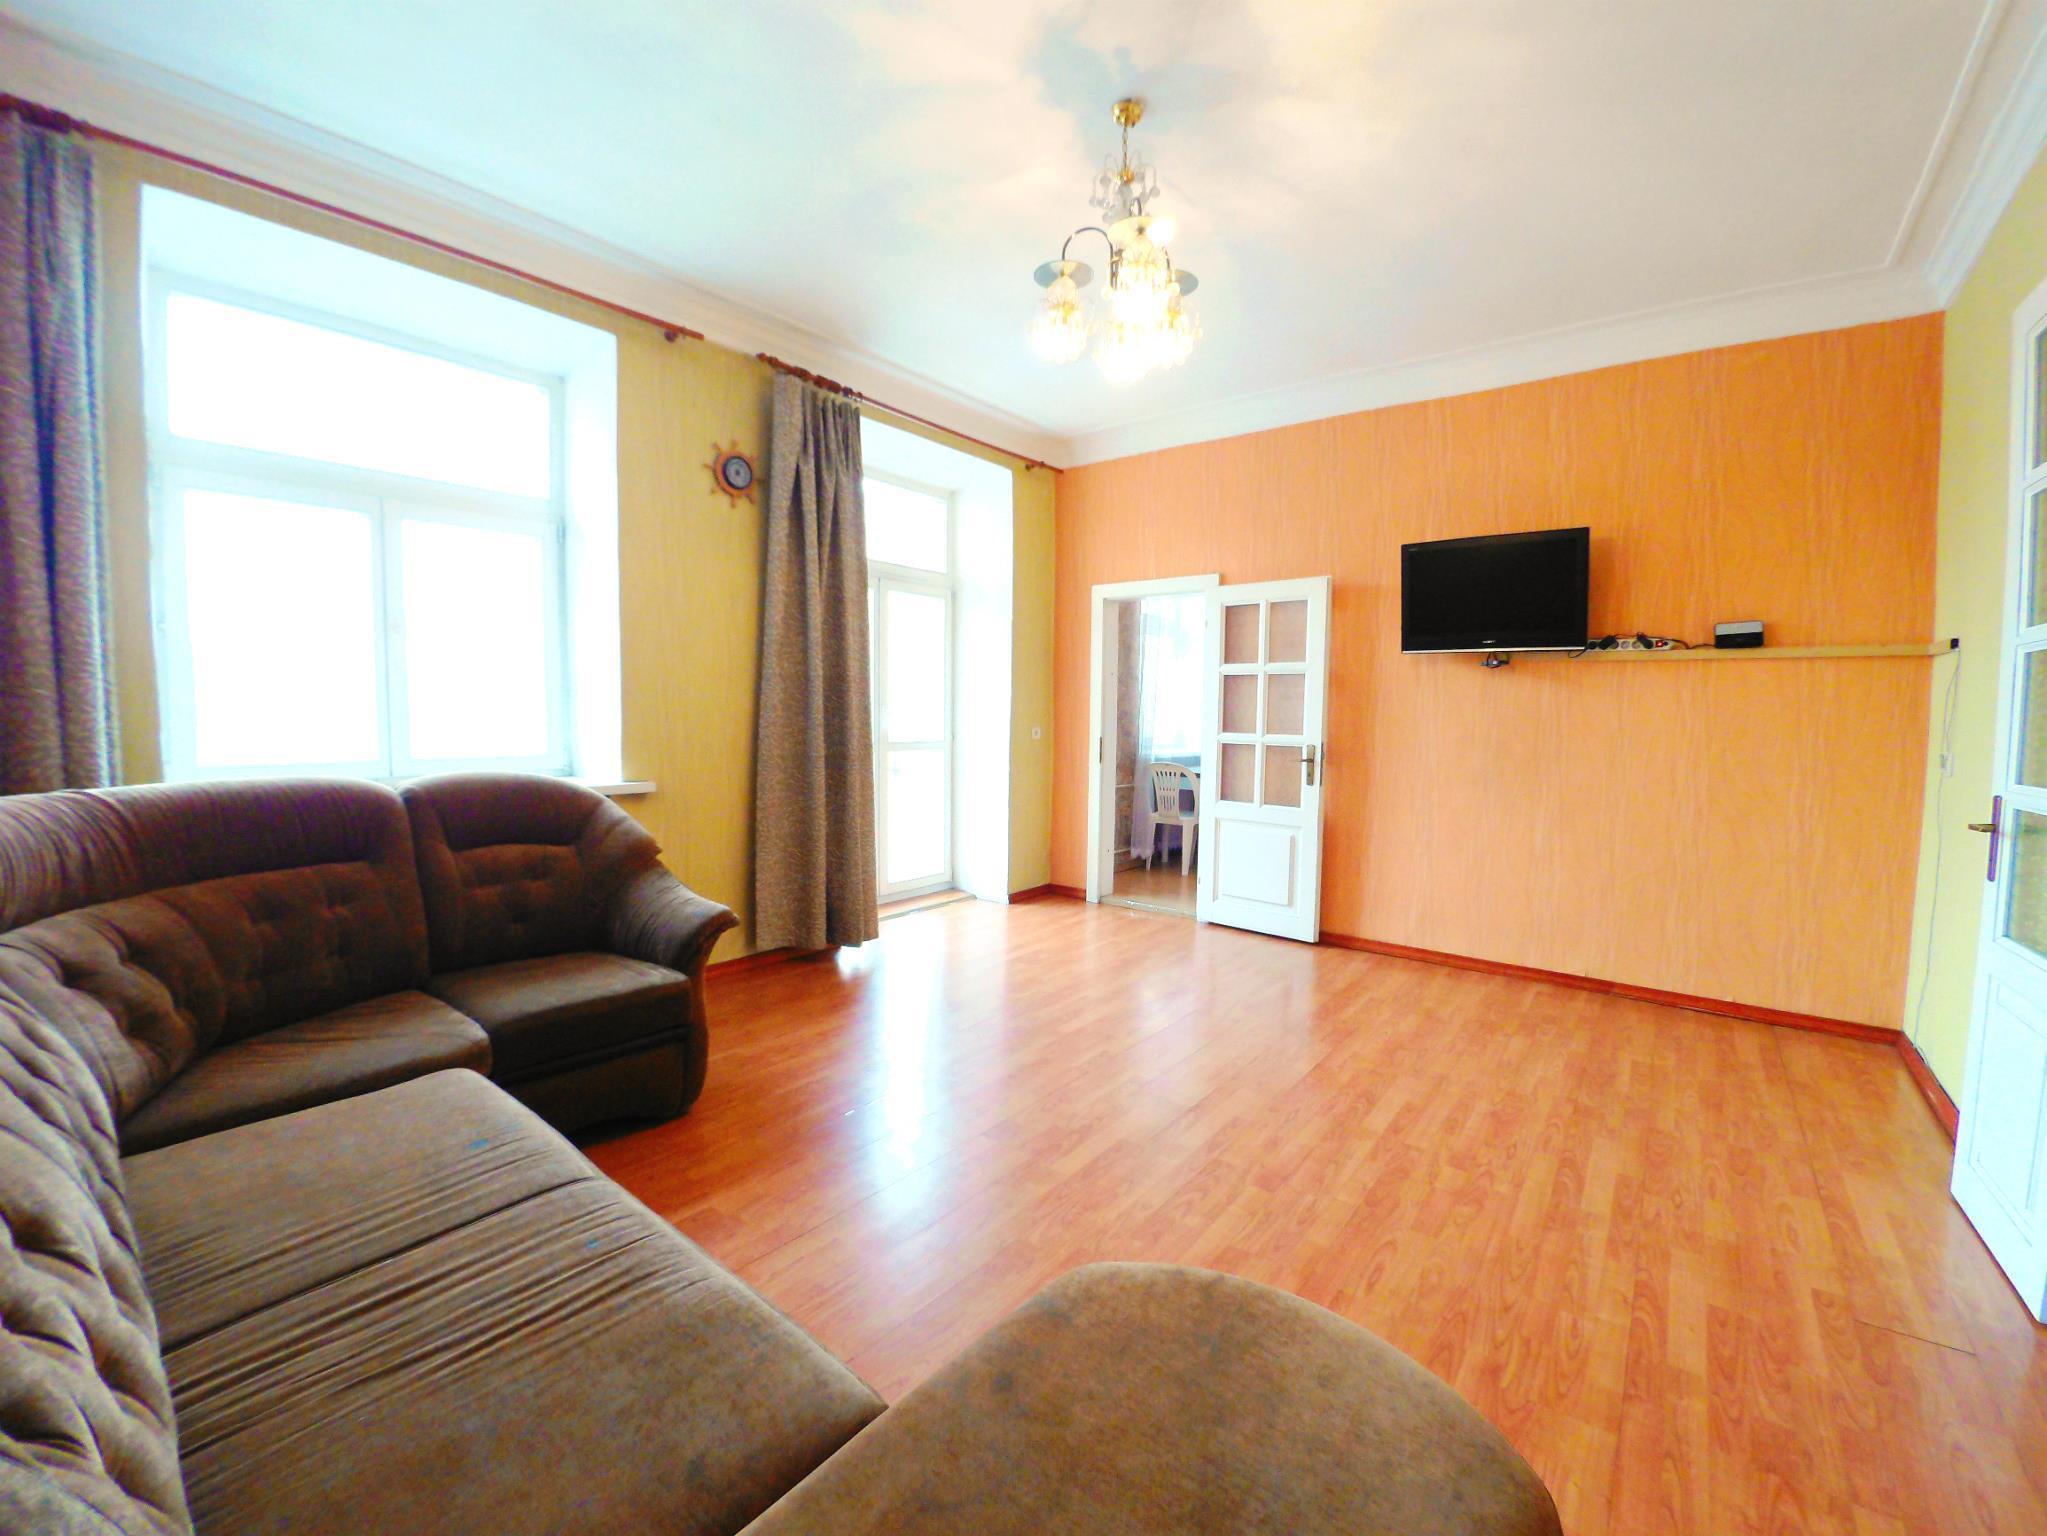 Apartments In Marata 31 Irkutsk